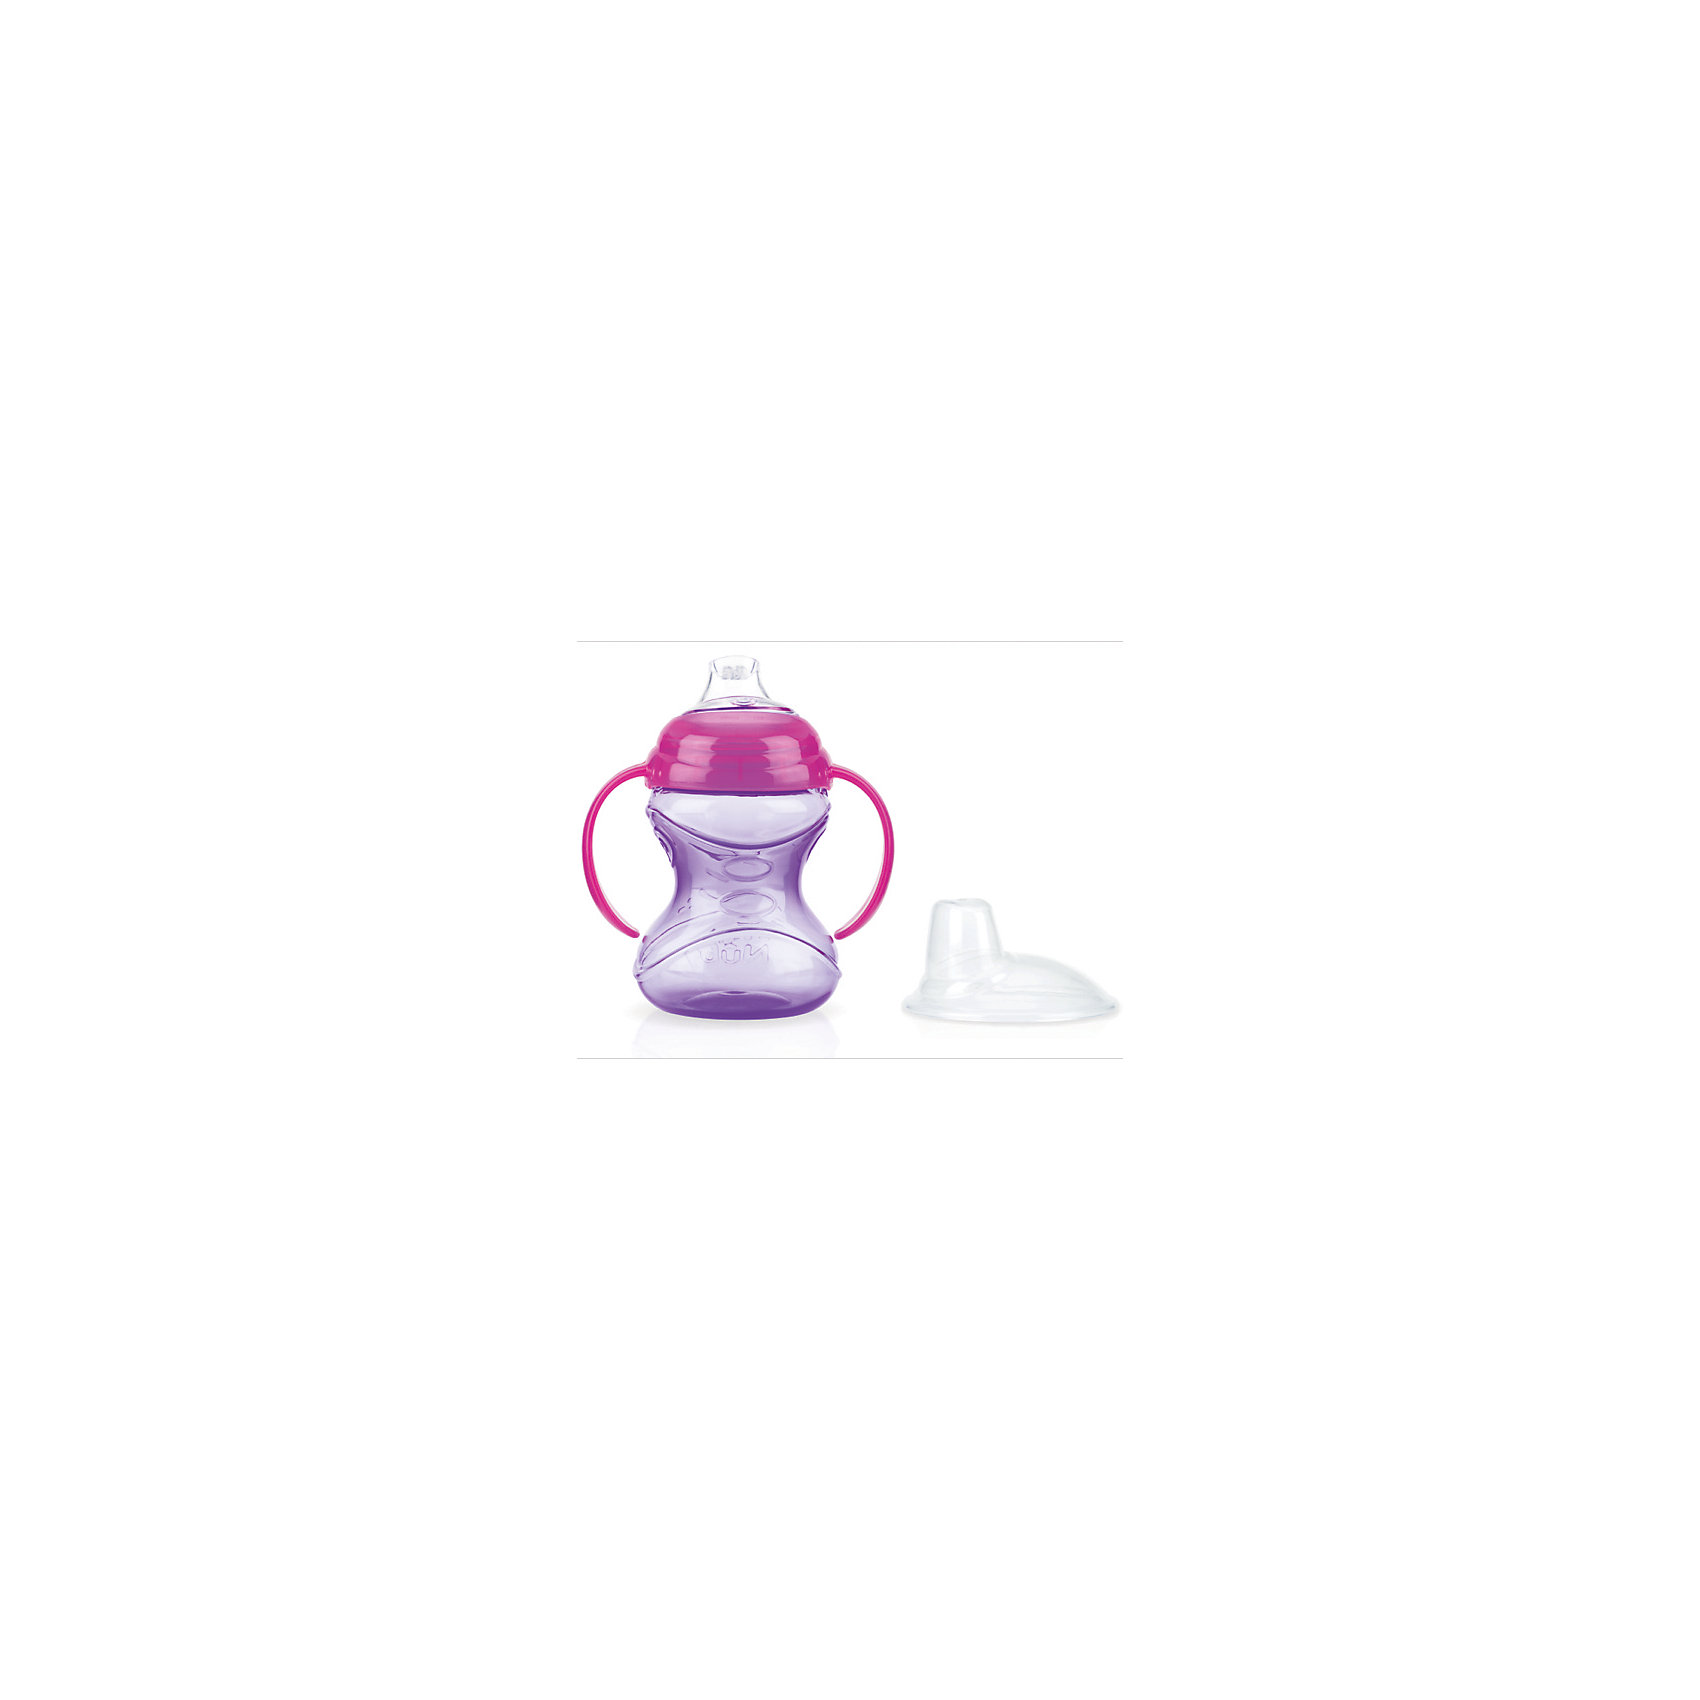 Поильник 240мл, Nuby, фиолетовыйЭргономичный поильник удобен в использовании как для родителей, так и для очень маленьких детей. Процесс обучения ребенка самостоятельному питью станет легким, благодаря мягкому силиконовому носику и анатомической форме поильника. Эргономичные ручки позволяют ребенку надежно удерживать поильник в руках в процессе обучения самостоятельному питью. Особая система встроенного клапана предотвращает проливание. Благодаря уникальной технологии жидкость в носик поступает только в момент совершения малышом сосательных движений, что предотвращает протекание поильника. Мягкий носик не причинит беспокойства нежным деснам и зубкам ребенка.<br>Особенности:<br>Встроенный клапан-непроливайка<br>Безопасен для дёсен<br>Легко держать<br>Не содержит Бисфенол-А                                                                                                                                                                                                                                                  УХОД: Изделие можно безопасно мыть в посудомоечной машине на верхней полке или мыть в теплой воде с использованием мягкого жидкого мыла, а затем тщательно промывать в чистой воде. Во избежание травм не позволяйте ребенку гулять и бегать с поильником. Никогда не наливайте в поильник газированные напитки; возникающее давление может привести к протеканию. Никогда не оставляйте ребенка без присмотра во время использования им этого или иного детского изделия. Всегда проверяйте температуру жидкости перед кормлением.<br>Изделие изготовлено из безопасных, долговечных, нетоксичных материалов. Сертифицировано в России. Соответствует всем требованиям ГОСТ и СанПиН.<br><br>Ширина мм: 120<br>Глубина мм: 180<br>Высота мм: 170<br>Вес г: 95<br>Возраст от месяцев: 12<br>Возраст до месяцев: 36<br>Пол: Унисекс<br>Возраст: Детский<br>SKU: 4849909